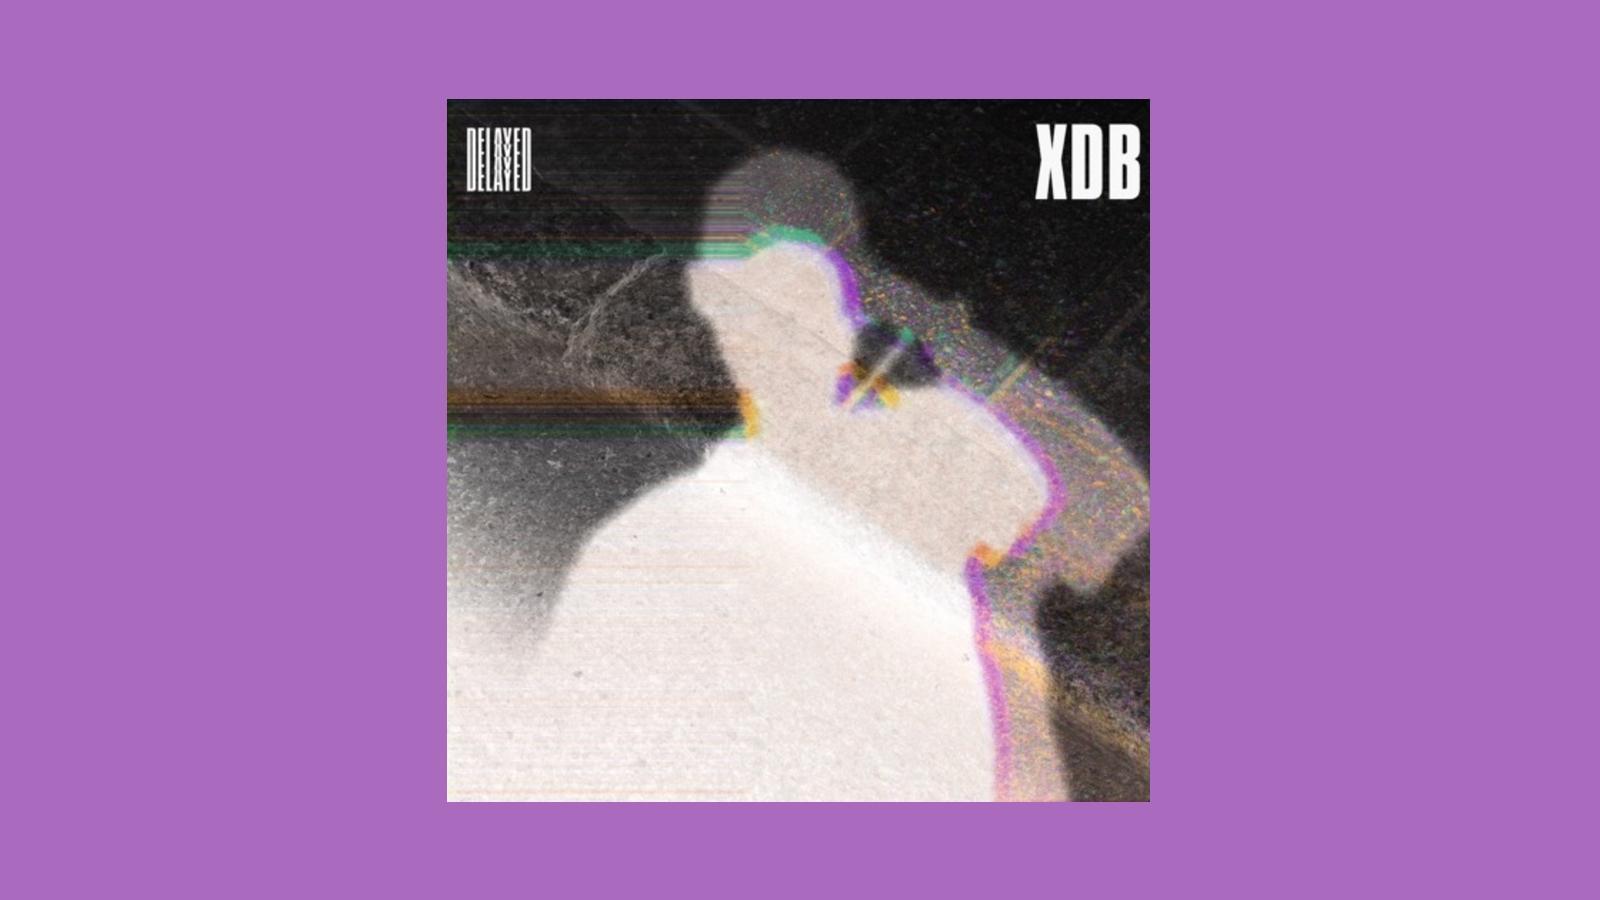 MDW-01122020-XDB-lede